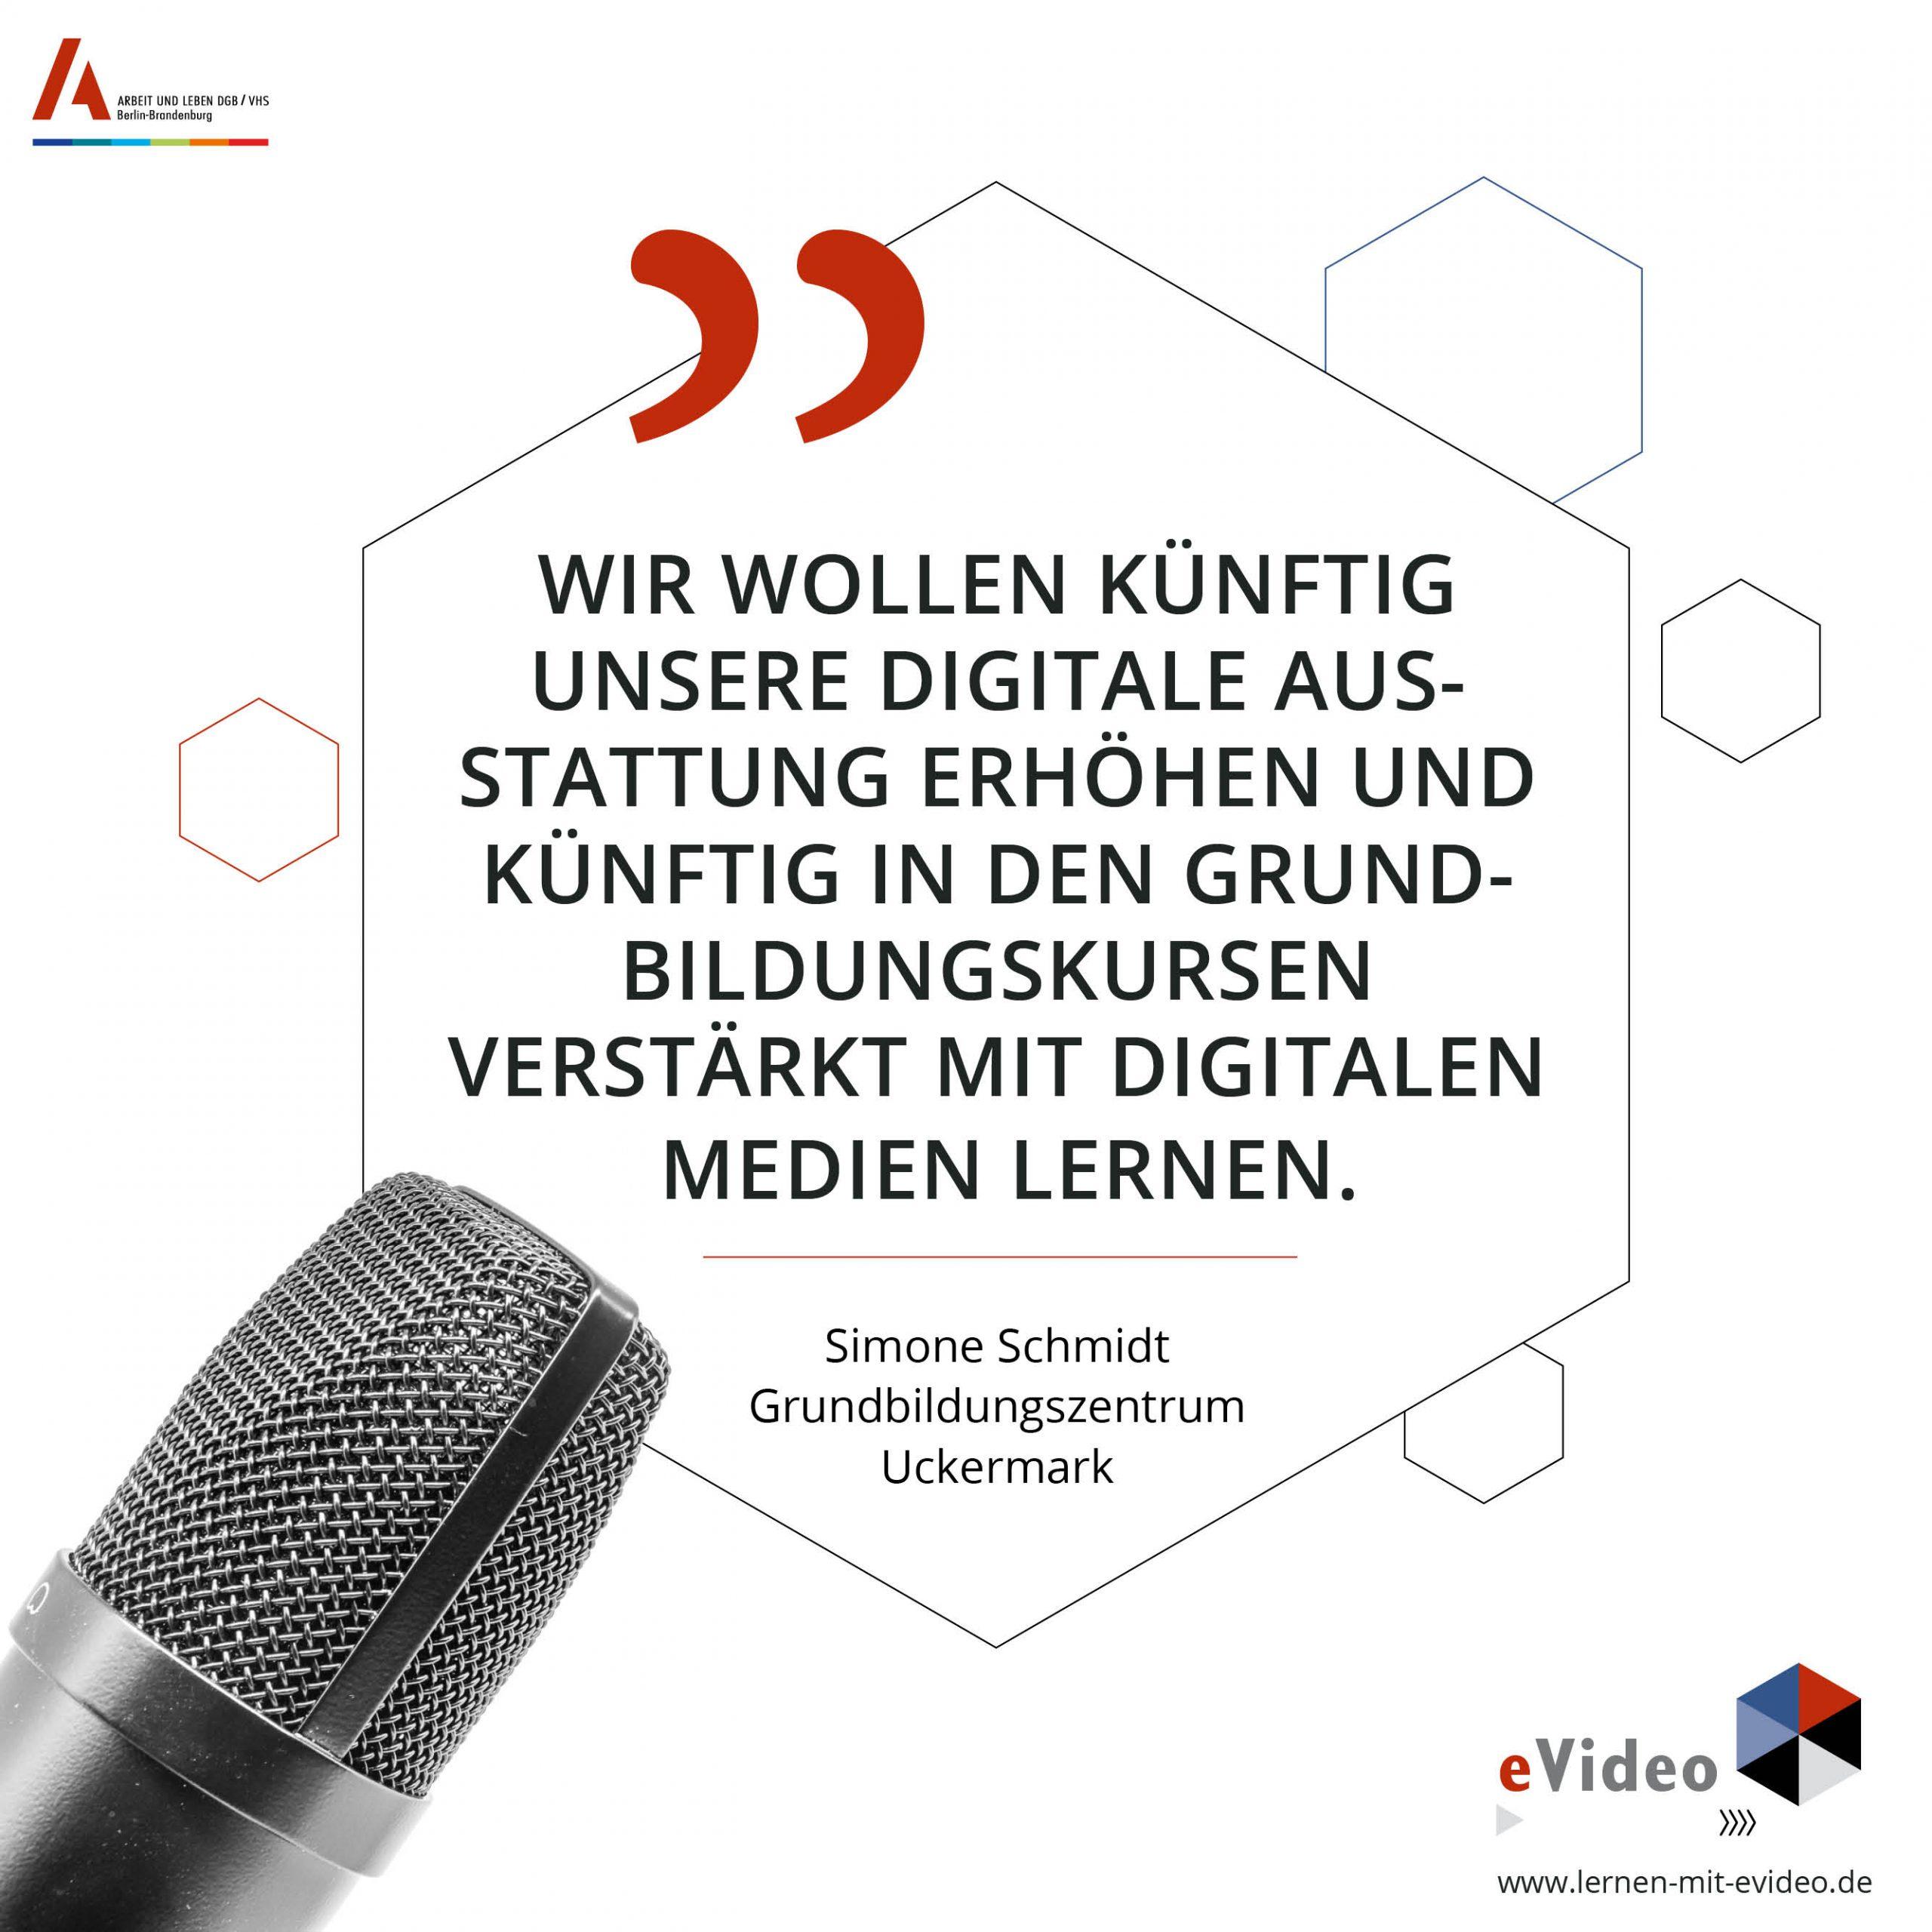 Wir wollen künftig unsere digitale Aus- stattung erhöhen und künftig in den Grundbildungskursen verstärkt mit digitalen Medien lernen. Simone Schmidt Grundbildungszentrum Uckermark